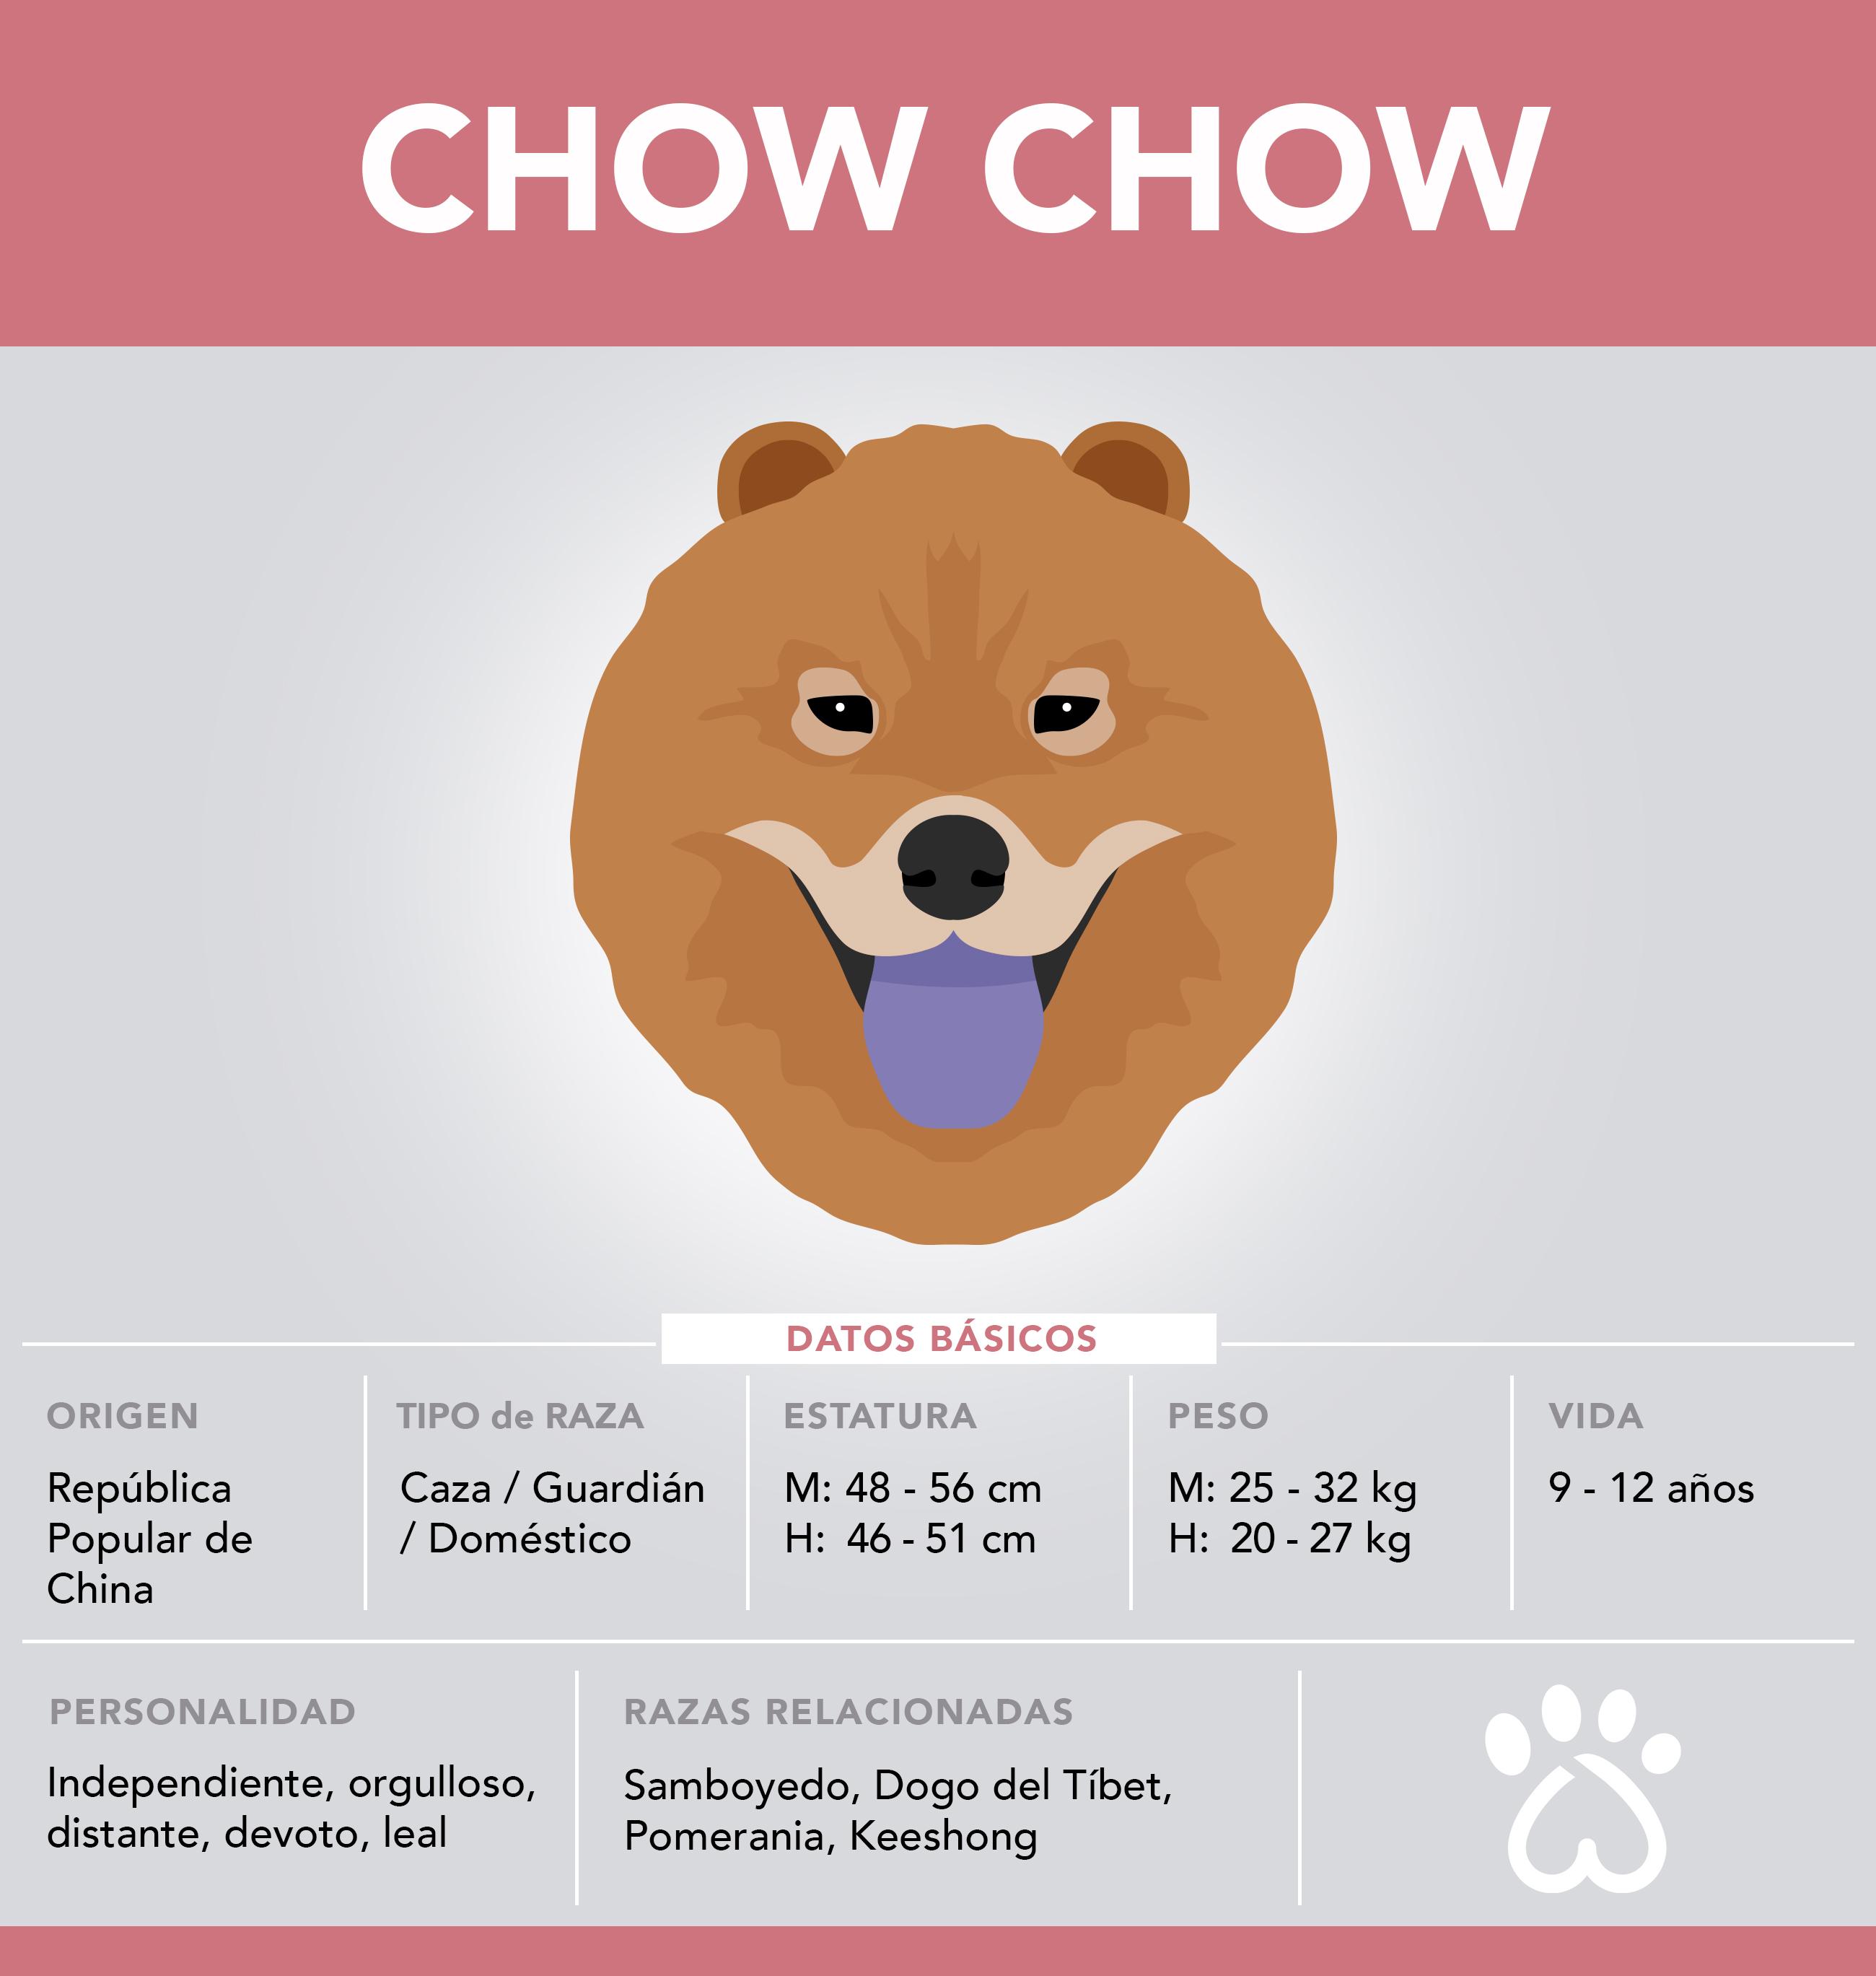 ficha_chow